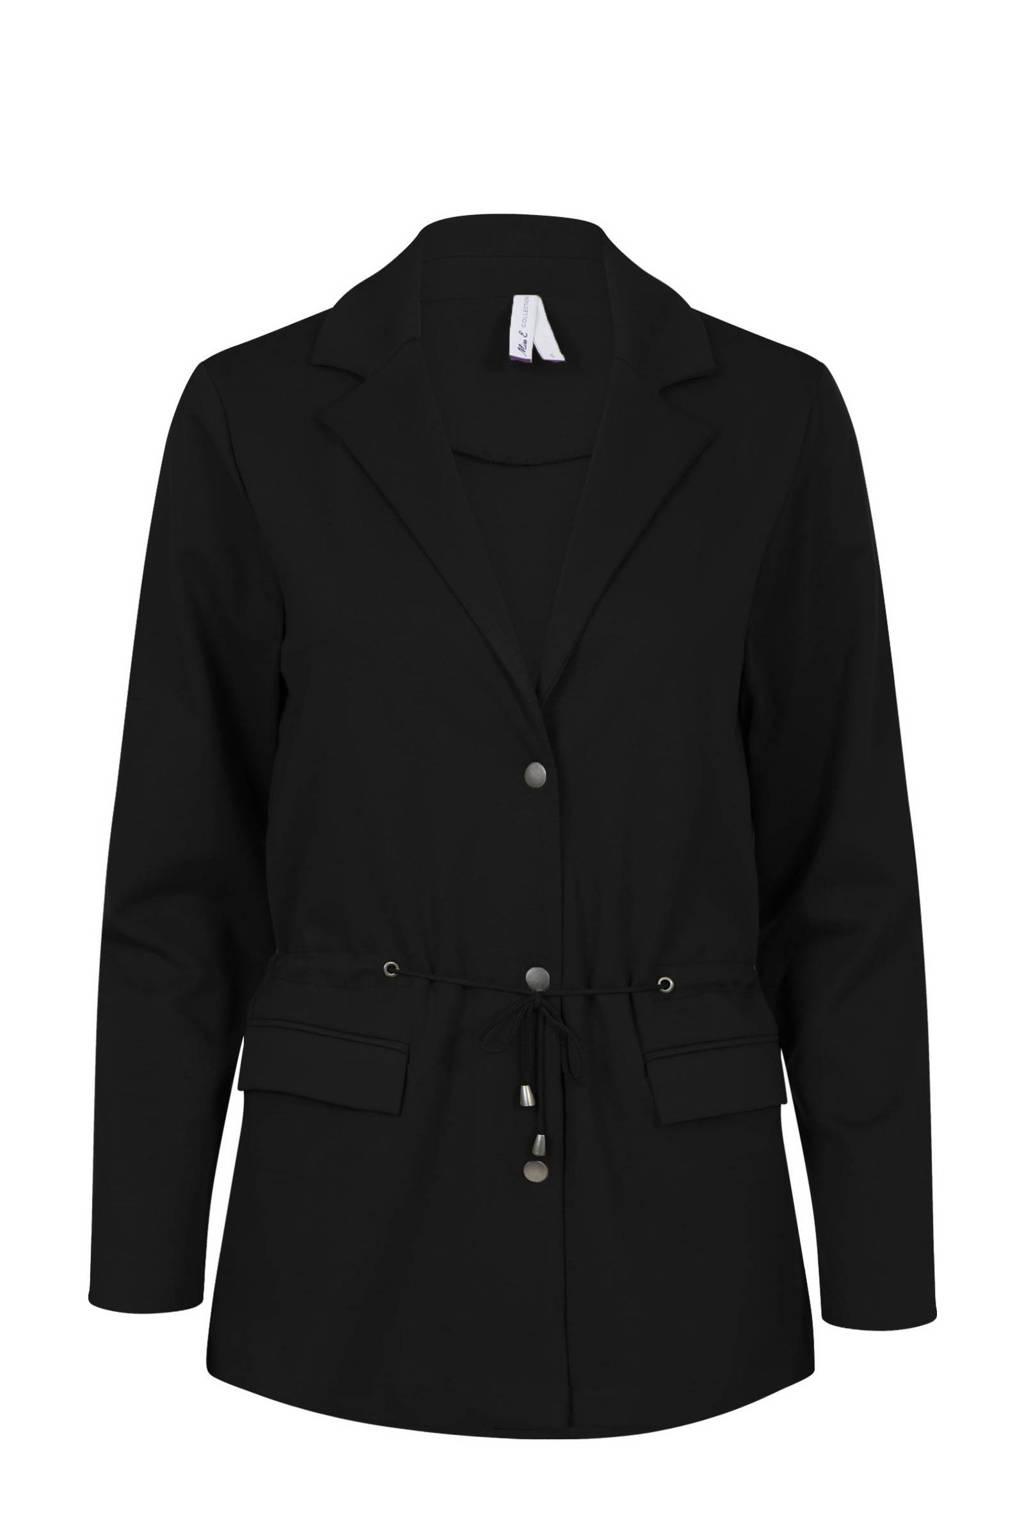 Miss Etam Regulier jasje zwart, Zwart